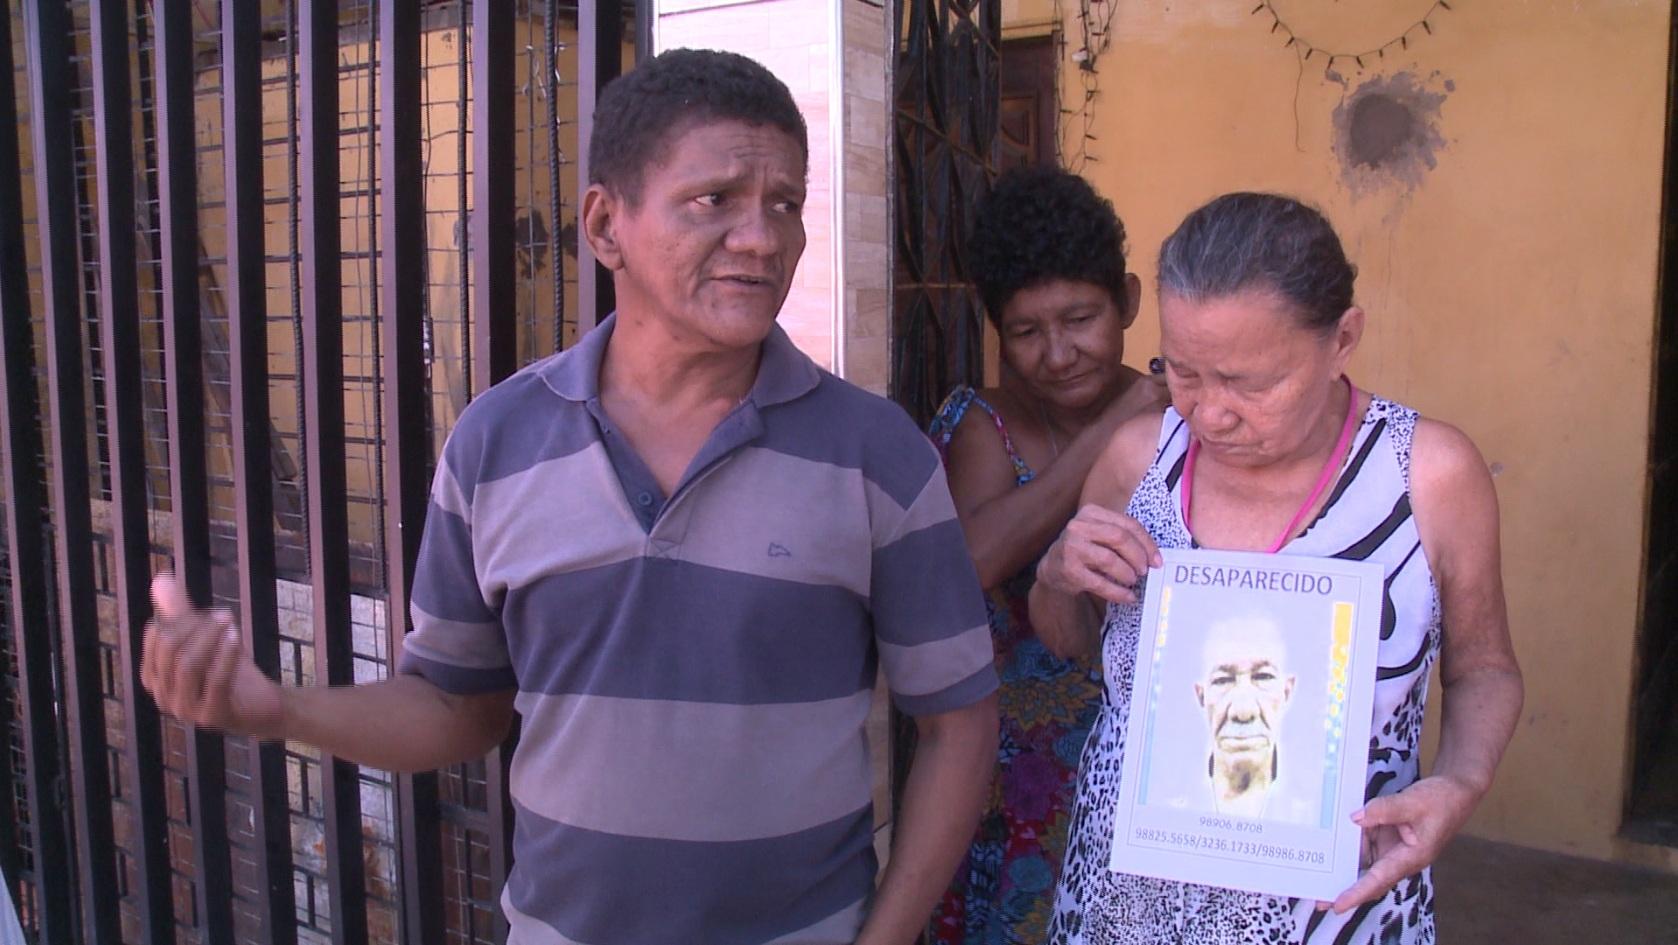 Em 10 anos, mais de mil pessoas desapareceram no Ceará. (FOTO: reprodução/ TV Jangadeiro)